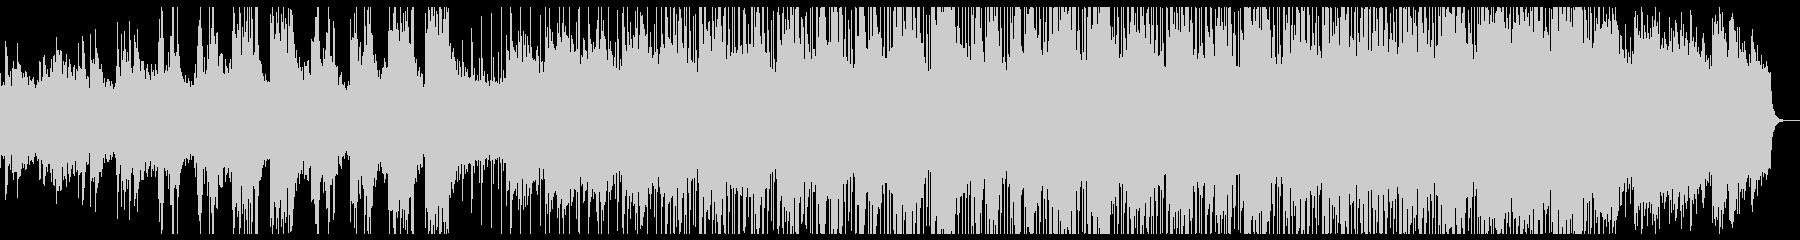 懐かしいシンフォニックチルアウトポップ。の未再生の波形